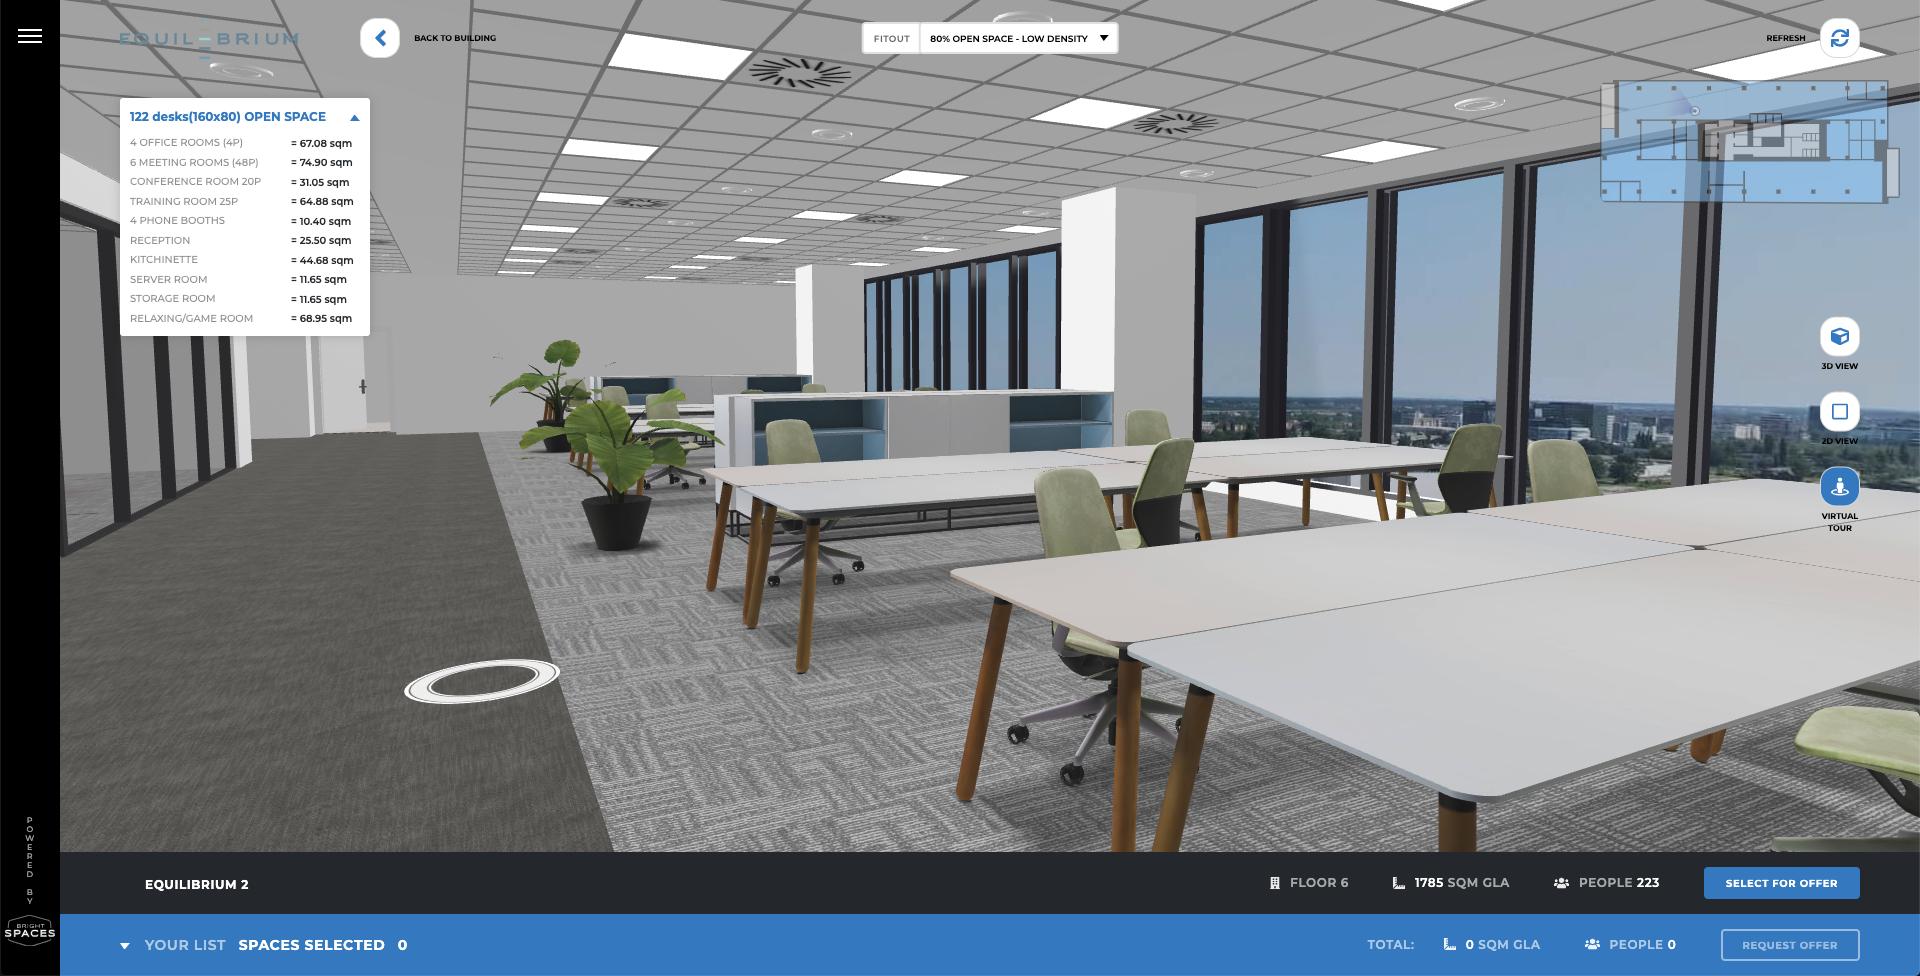 Prezentarea spațiilor de birouri, transformată prin tehnologie